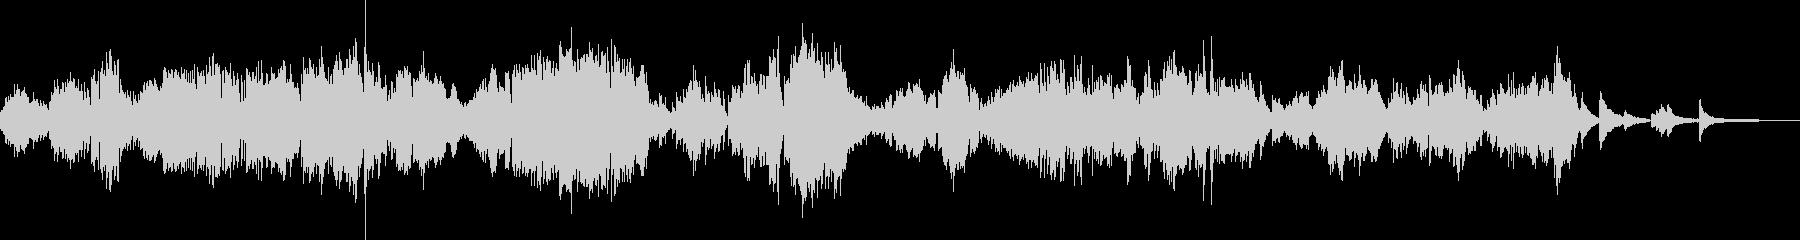 ショパン エチュード Op21 No6の未再生の波形